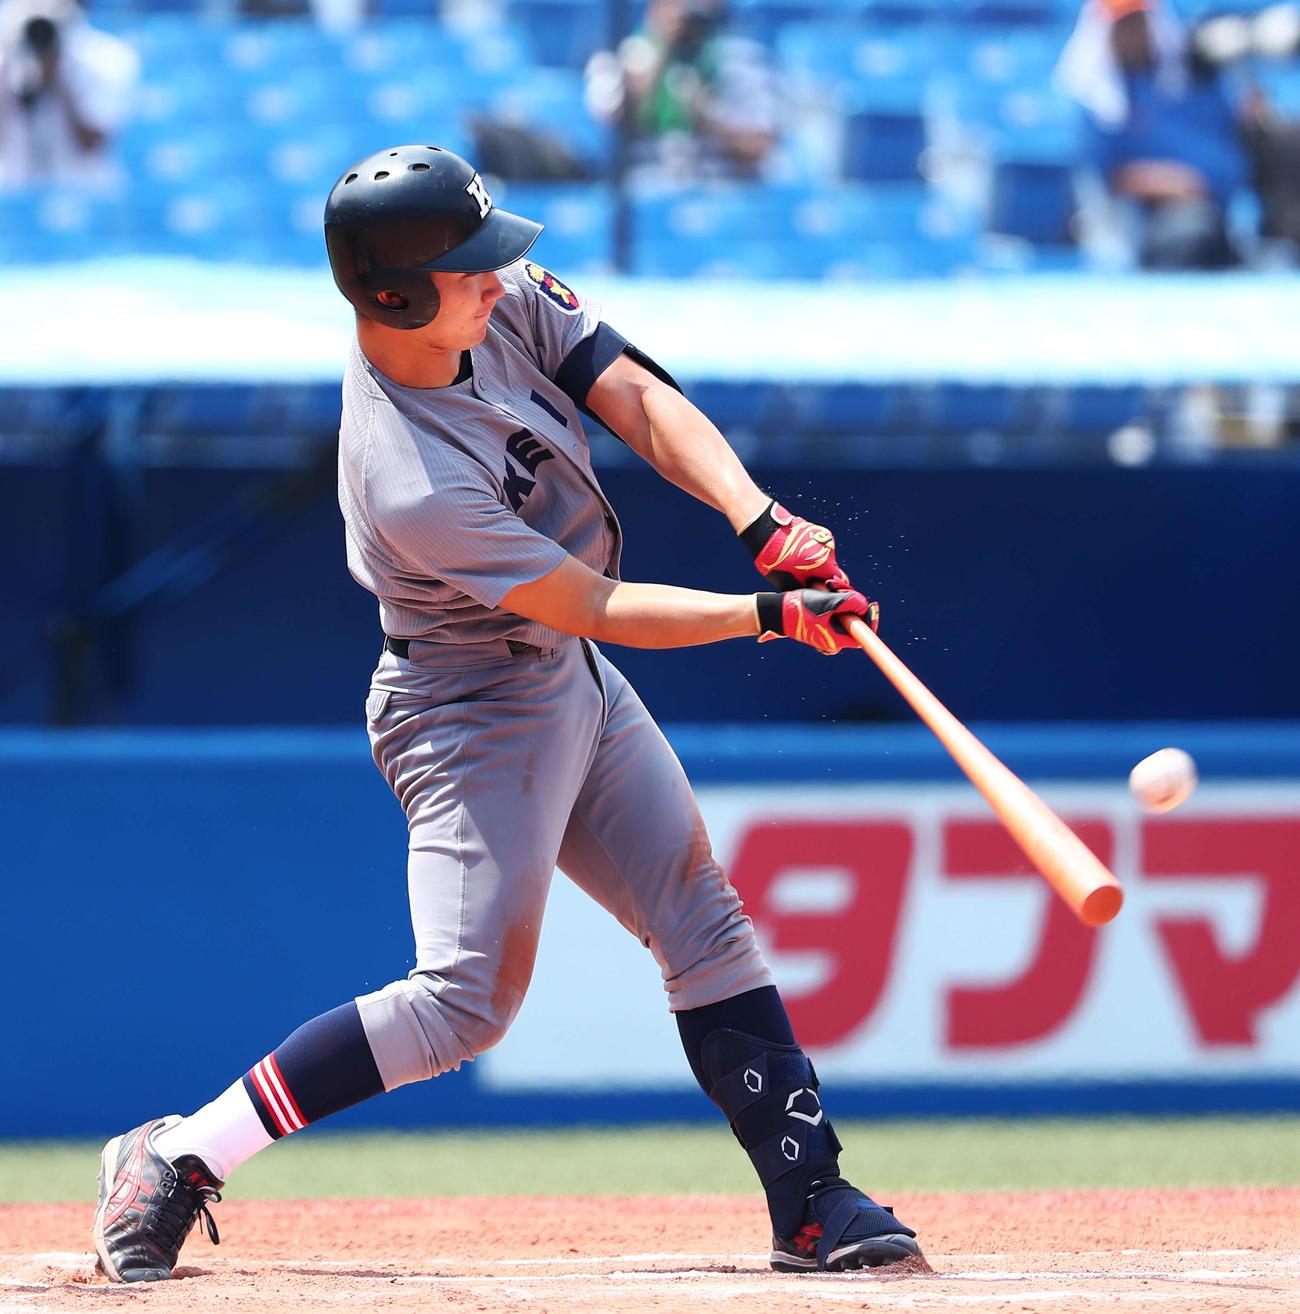 慶大対明大 6回表慶大2死二塁、左越え2点本塁打を放つ慶大・正木(撮影・河田真司)